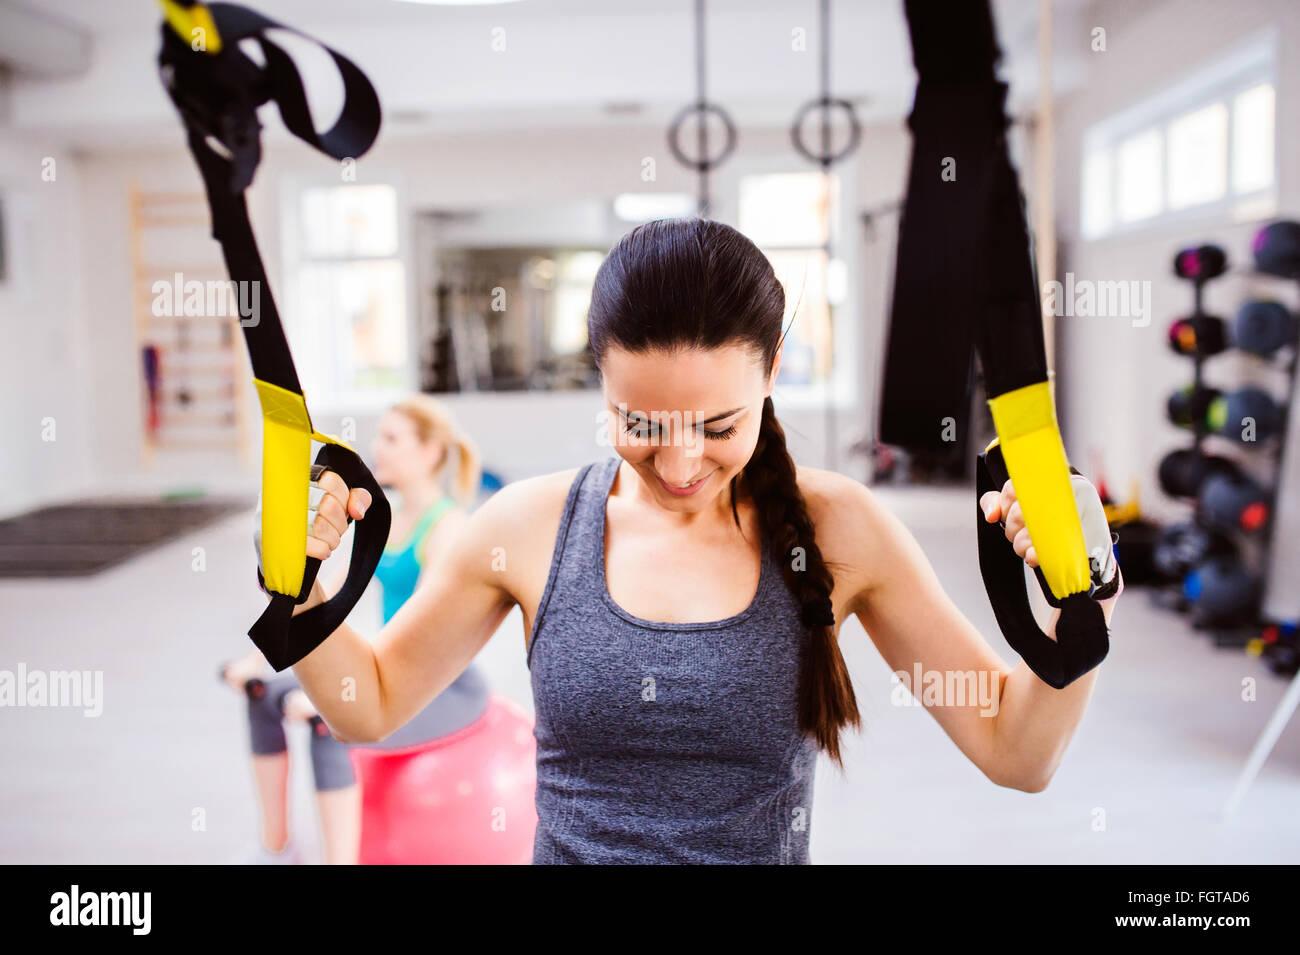 Mulher na Academia de formação os braços com tiras de fitness trx Imagens de Stock